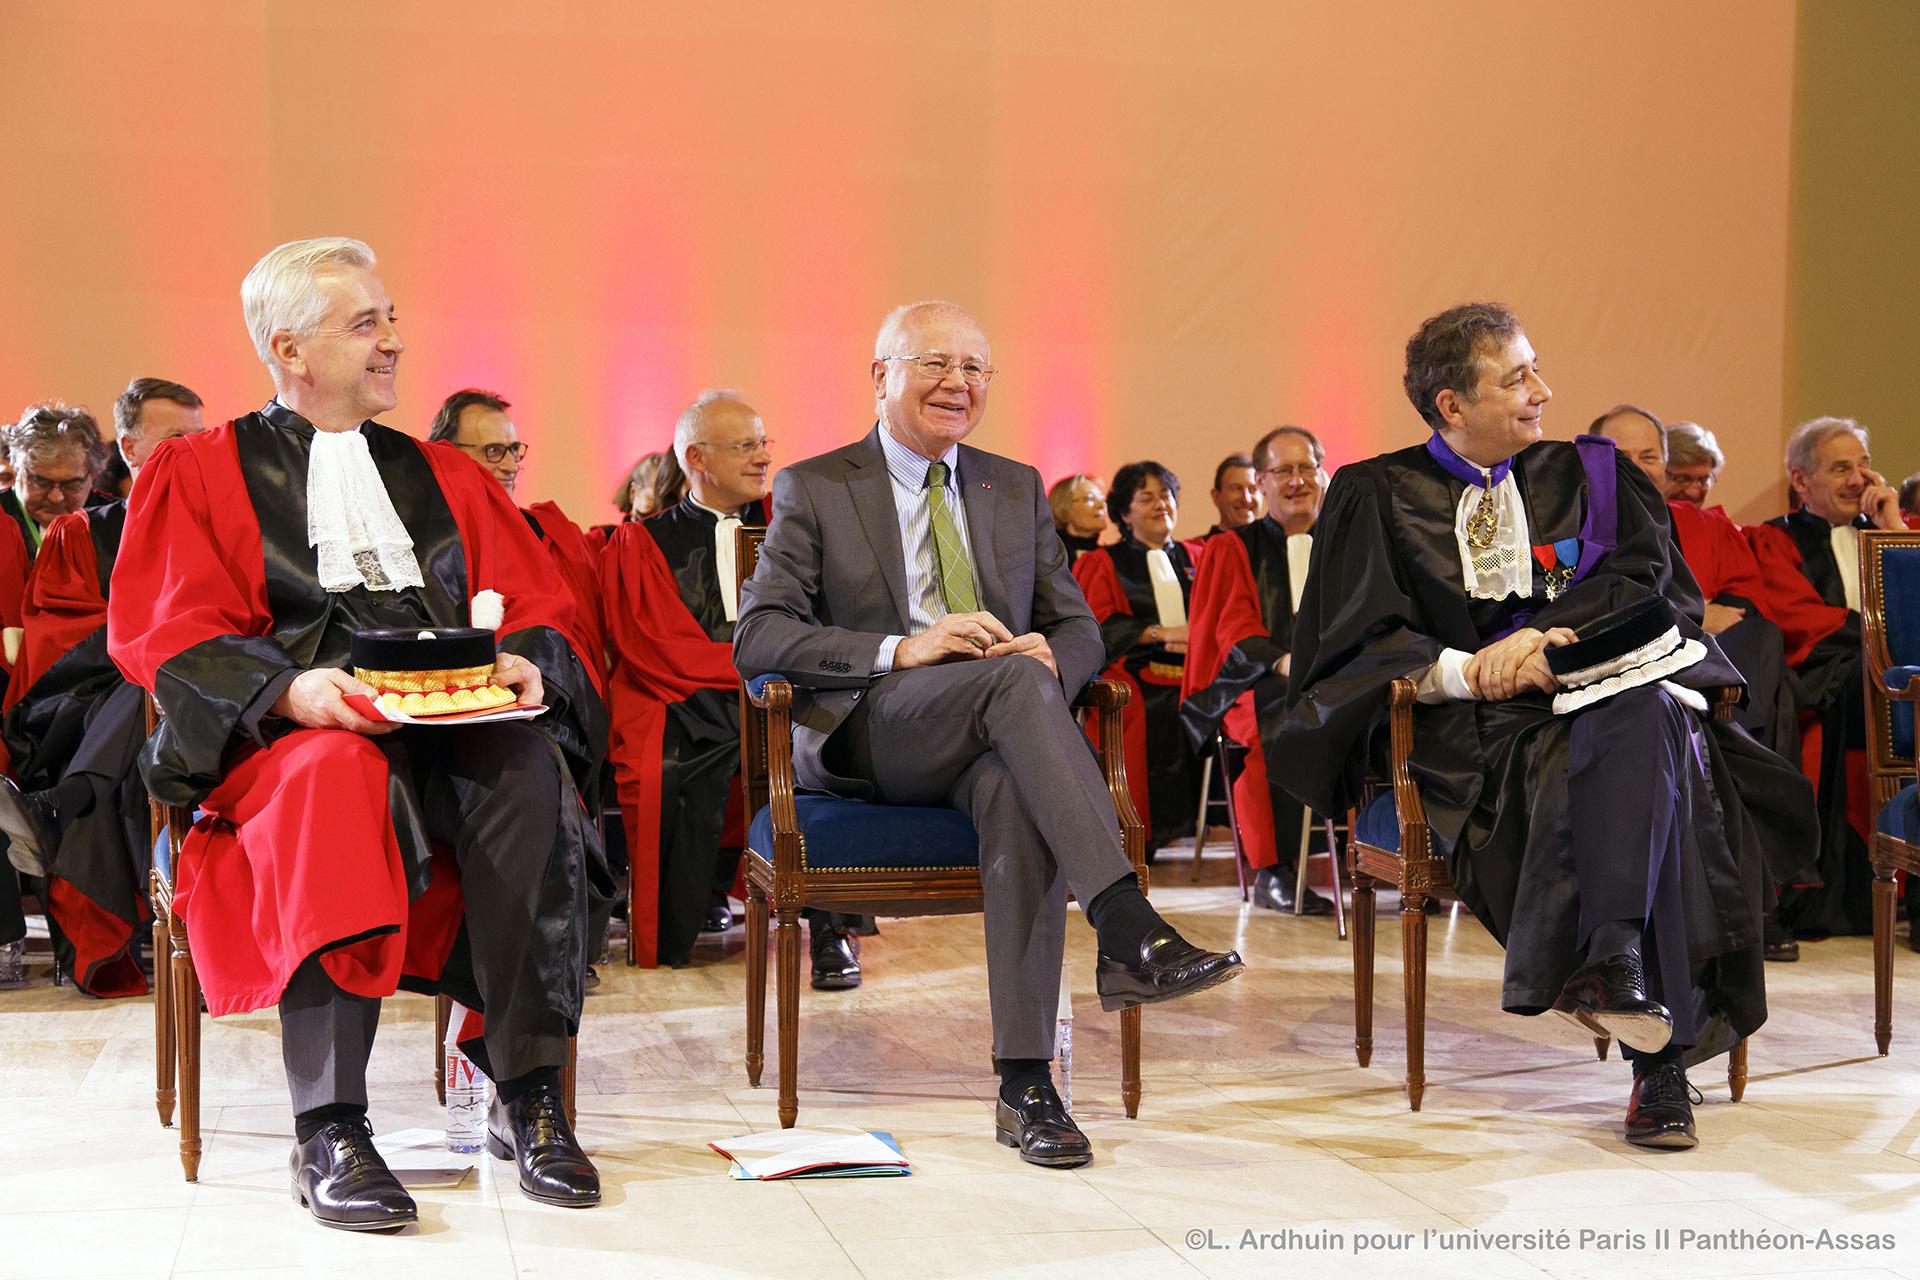 M. Guillaume Leyte, M. Bruno Lasserre et M. Gilles Pécout